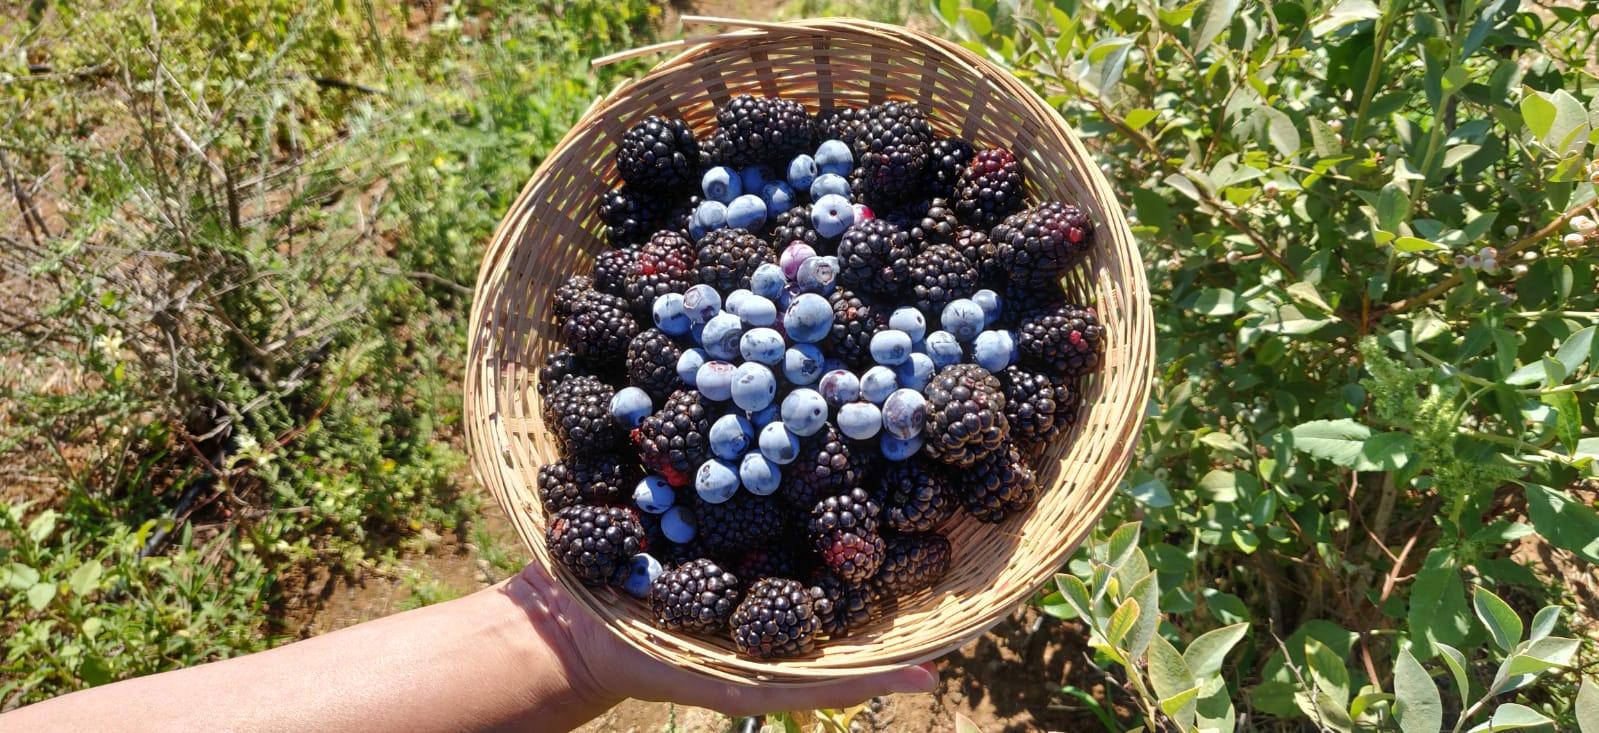 סוף שבוע אחרון לקטיף עצמי של דובדבנים והתחלת קטיף של פירות יער בבוסתן 'בראשית' בעין זיוון